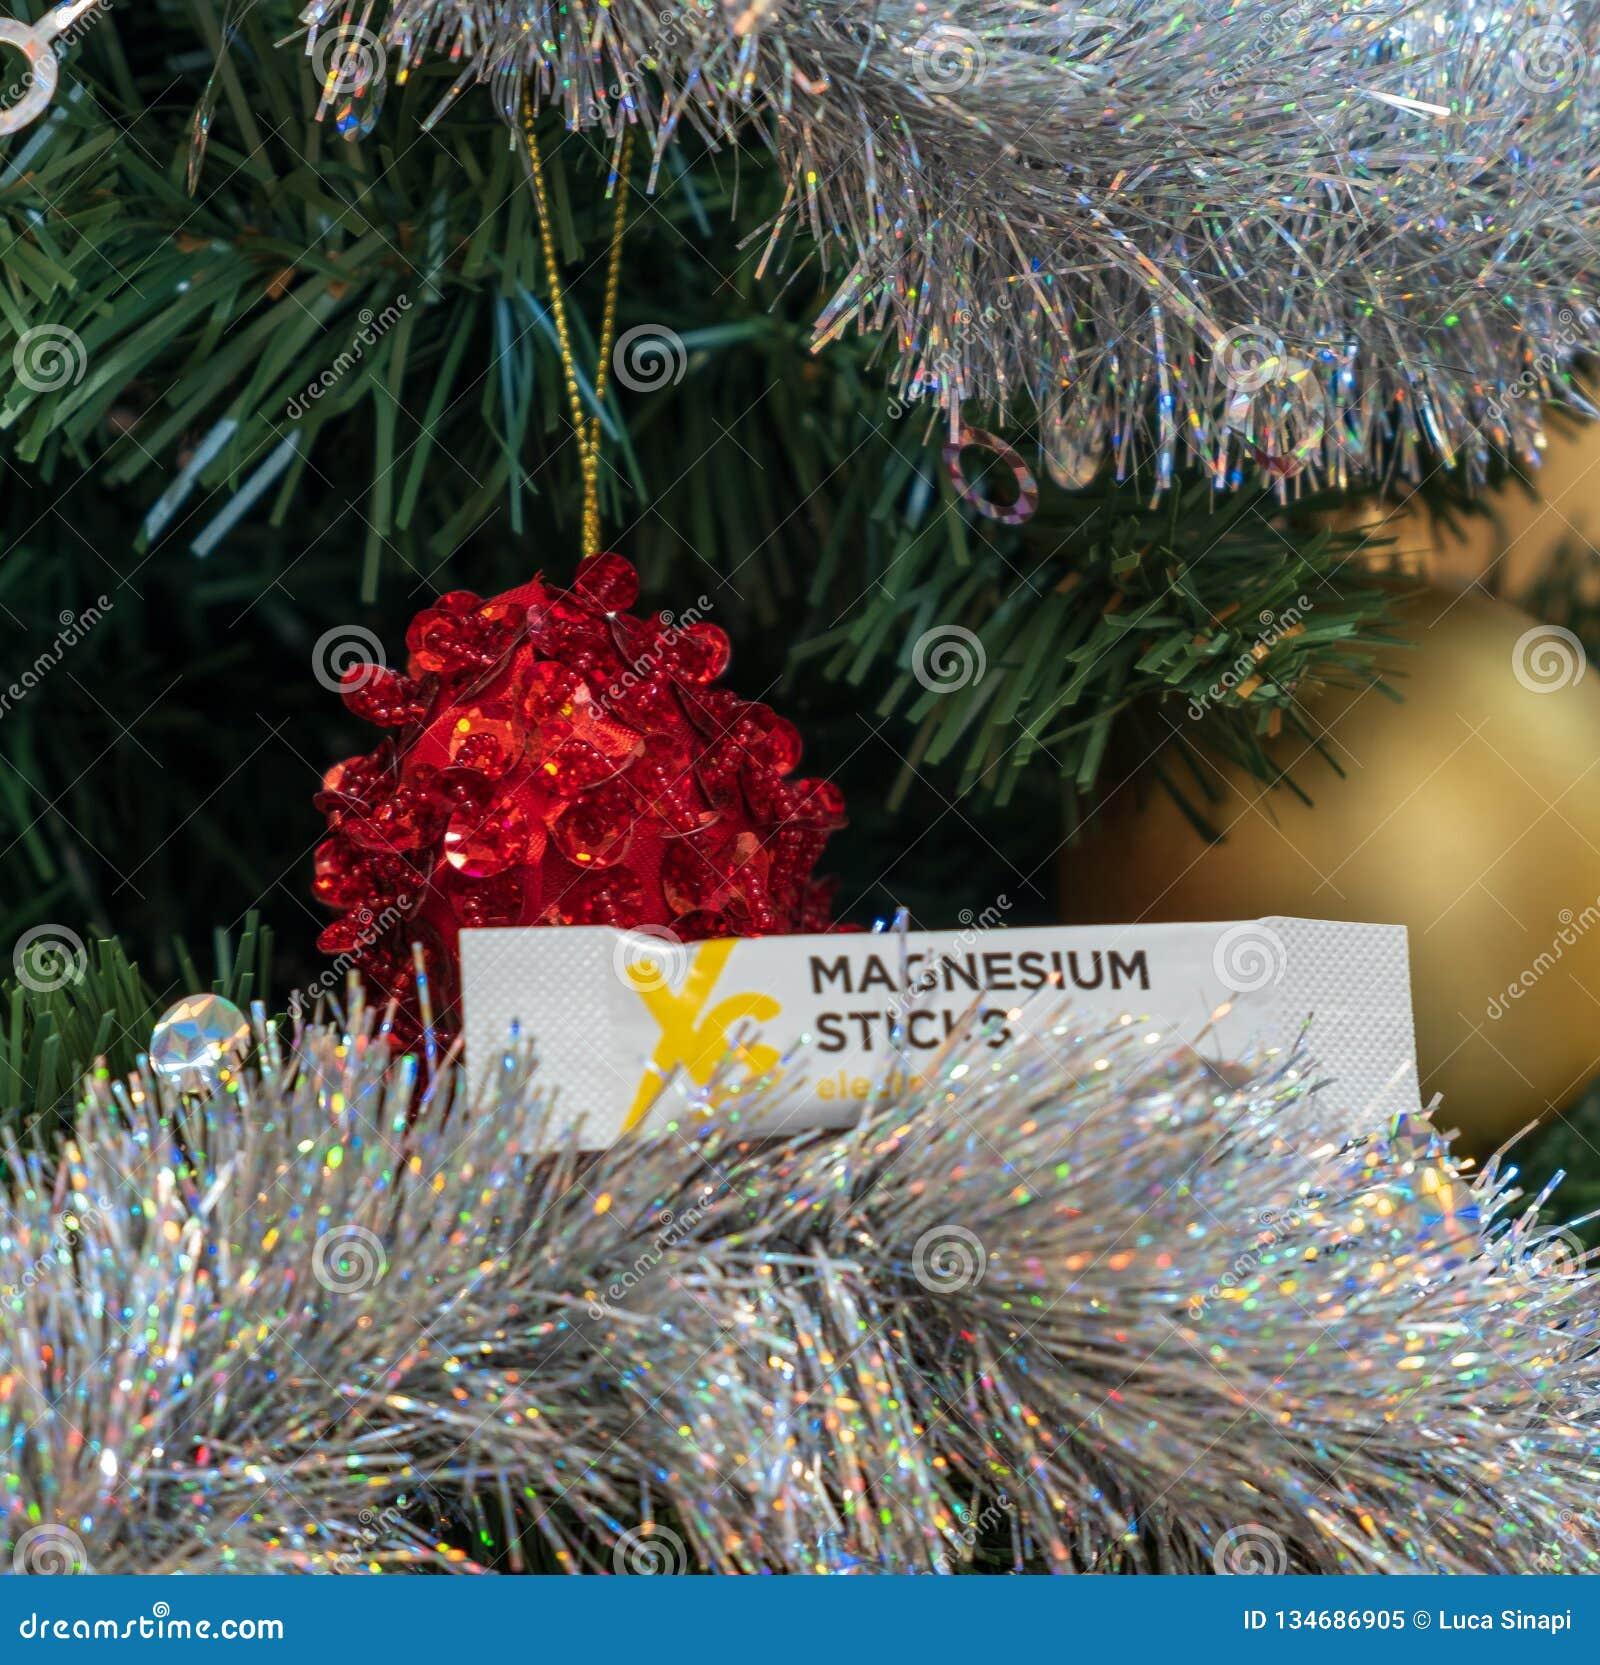 CAGLIARI, ITALIE - DÉCEMBRE 2018 : Bâton de magnésium de nutrition de sport de XS sur un arbre de Noël Nutrilite naturel et suppl